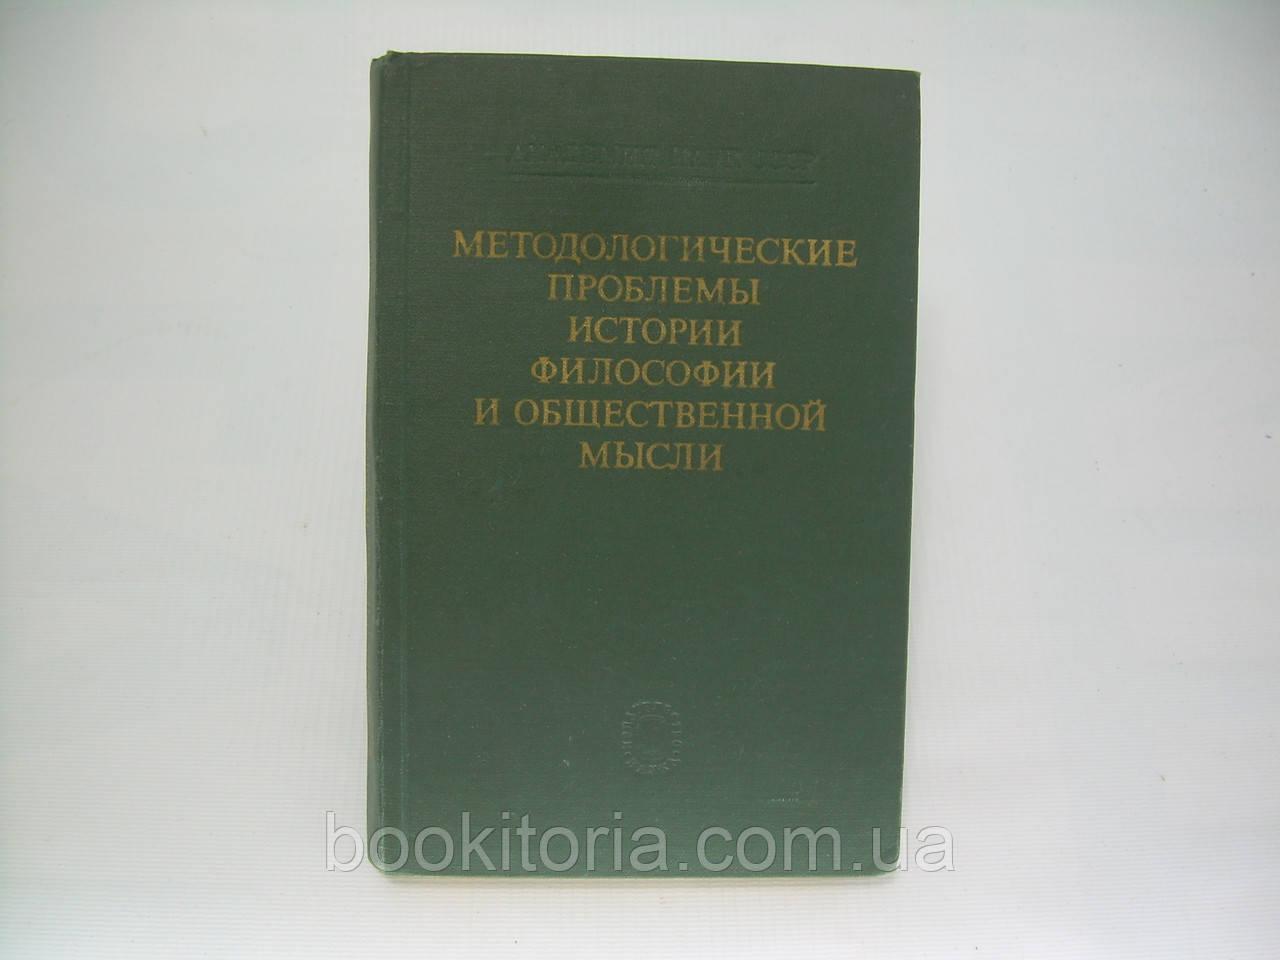 Методологические проблемы истории философии и общественной мысли (б/у).